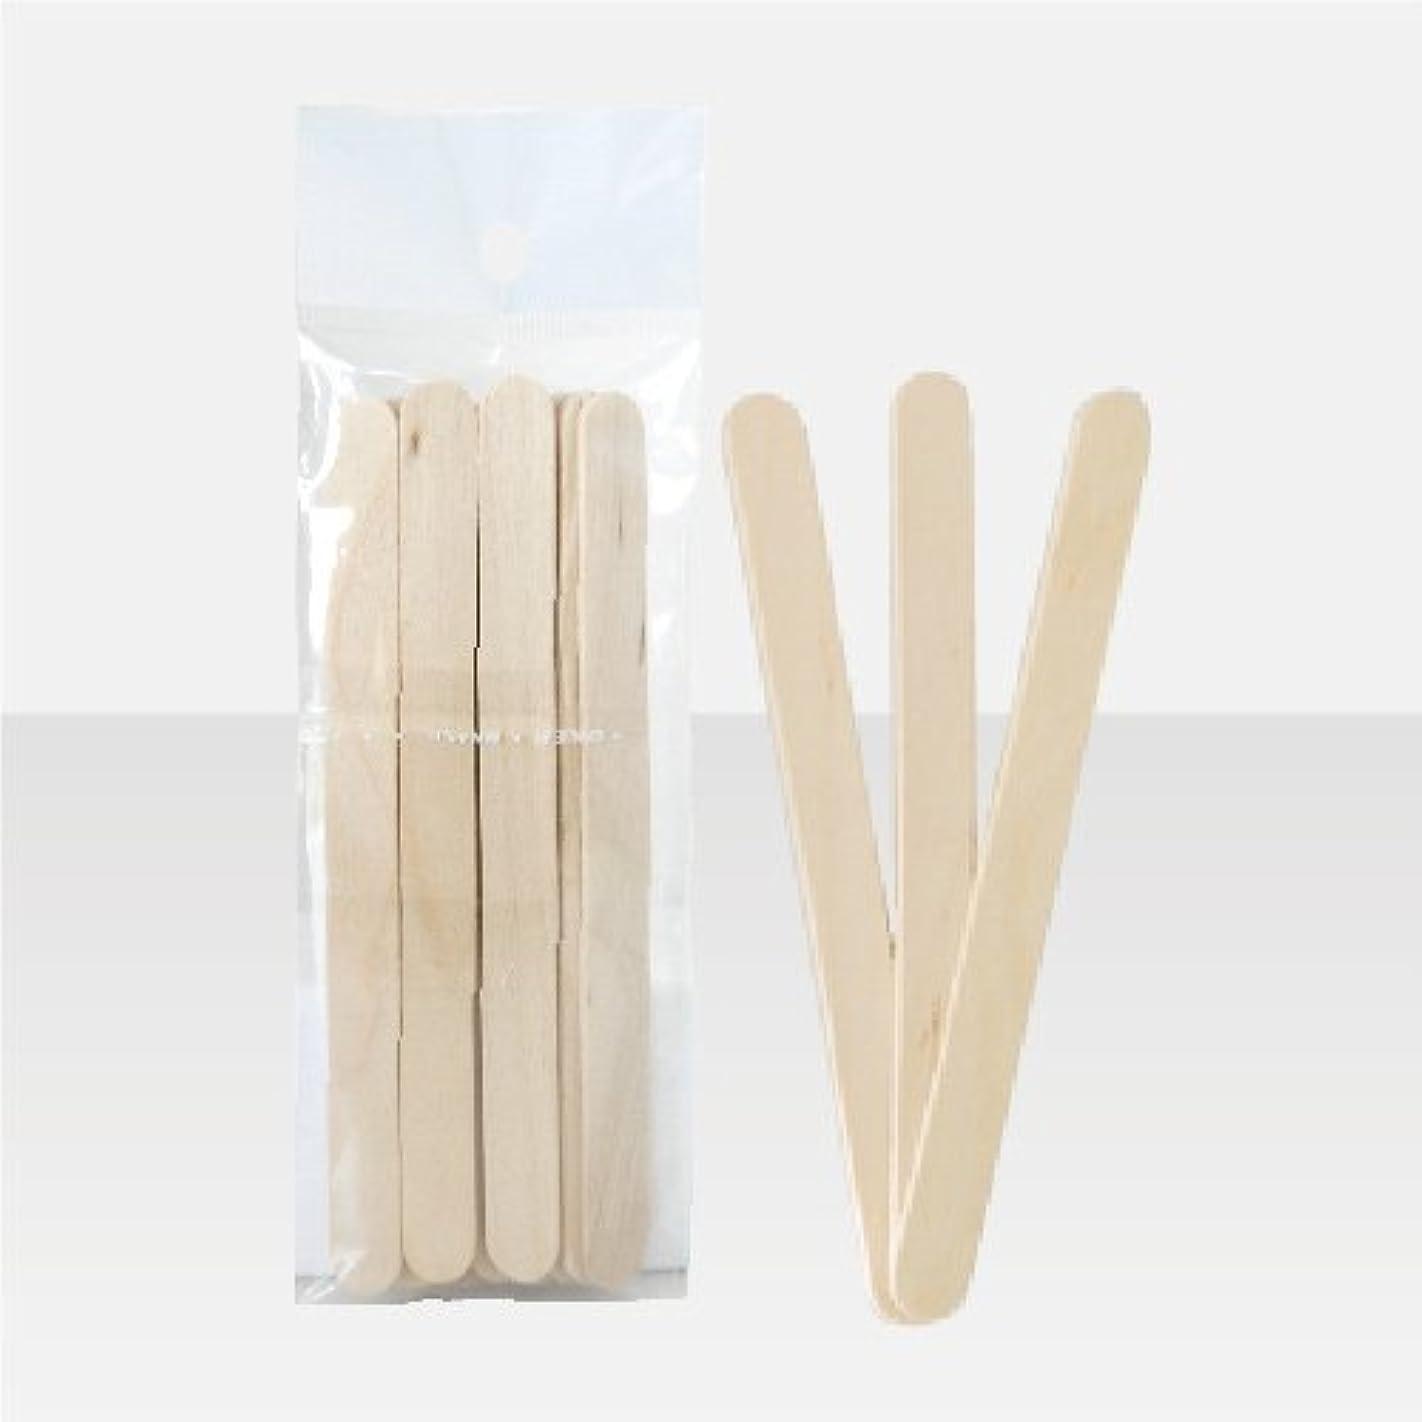 ブラジリアンワックス 脱毛ワックス用  ワックススパチュラ 木ベラ /10本セット Sサイズ